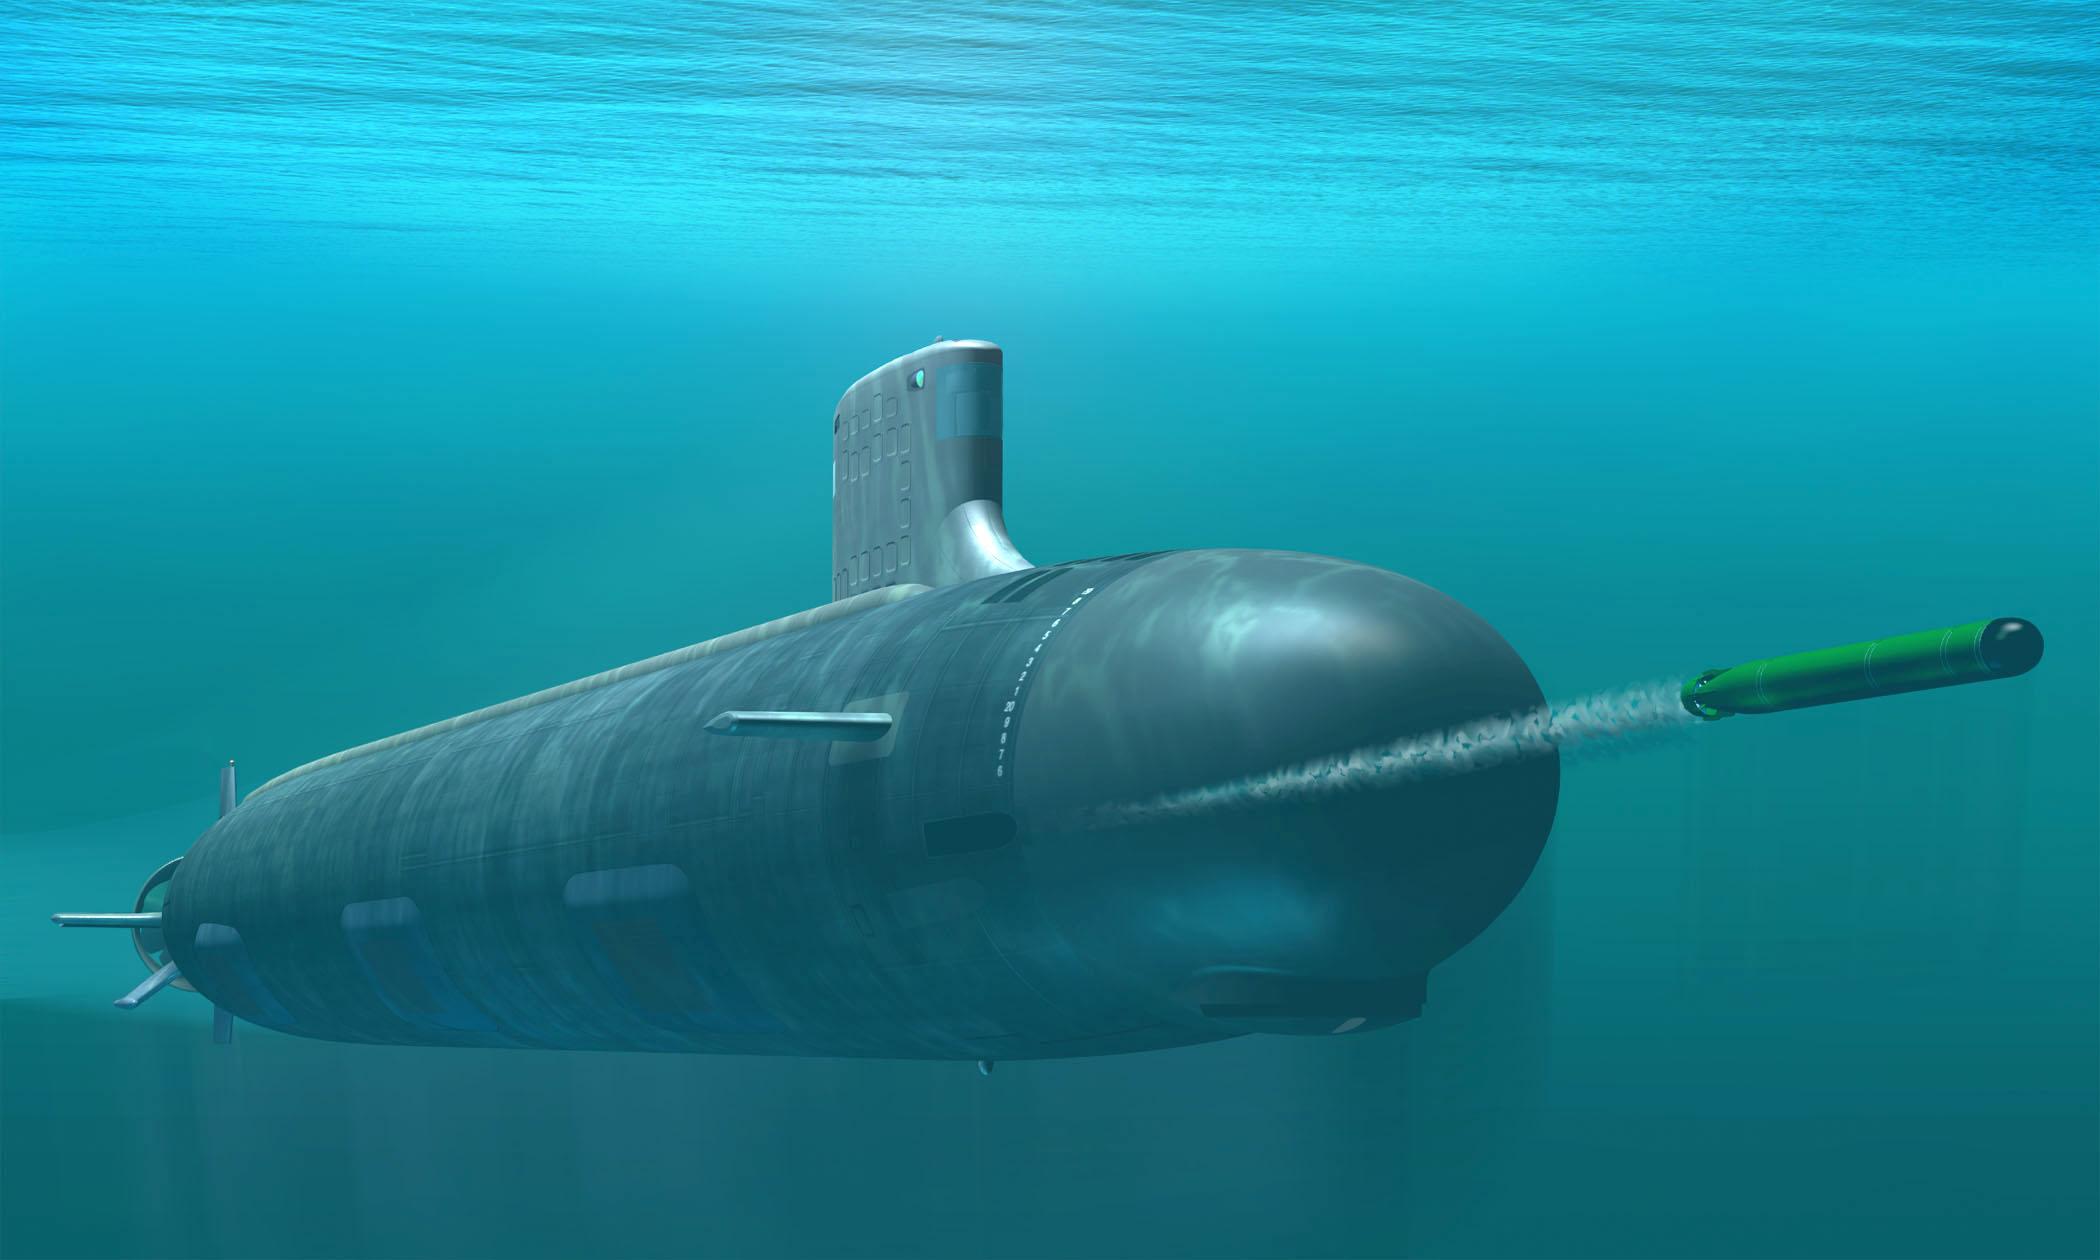 سلاح الغواصات Virginia_class_submarine